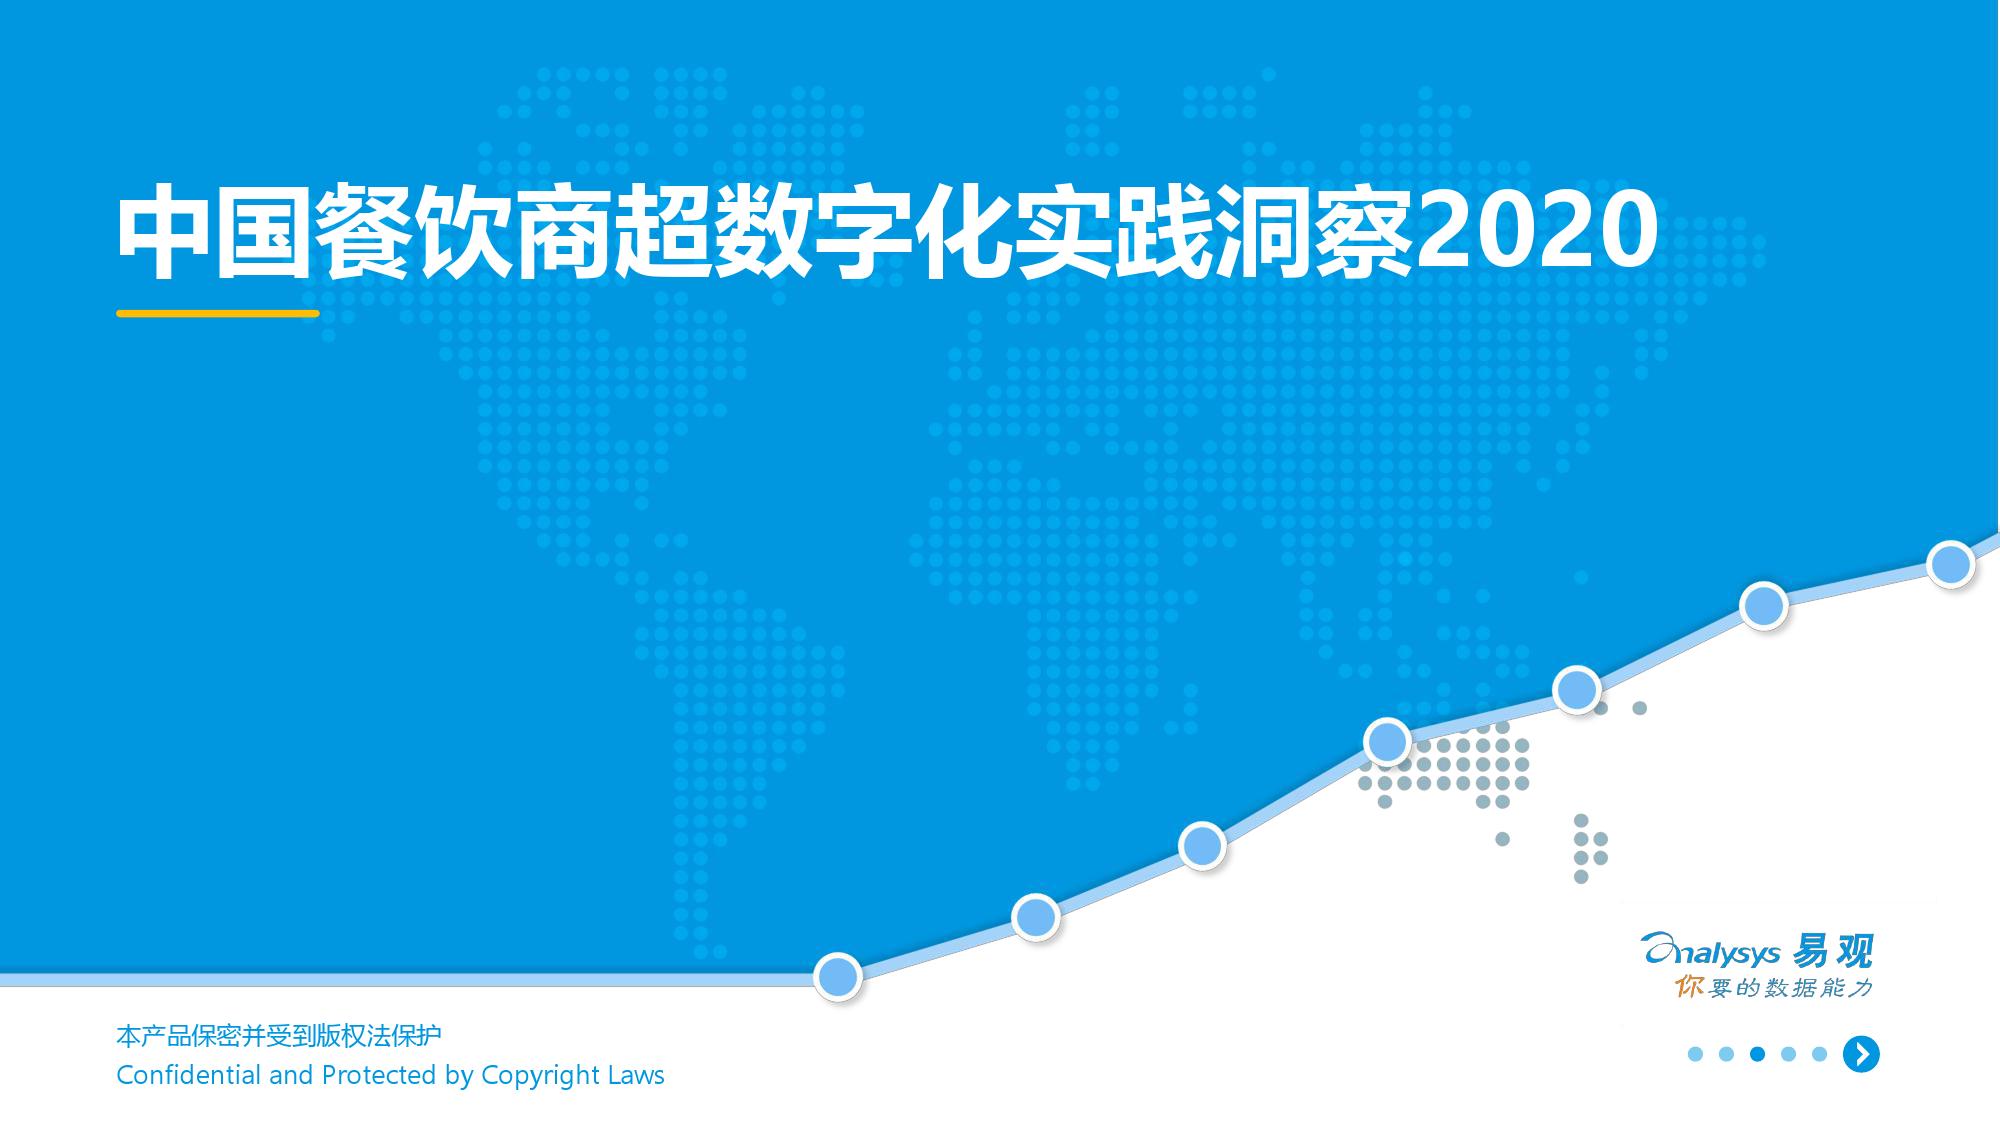 易观:2020中国餐饮商超数字化实践洞察(附下载)